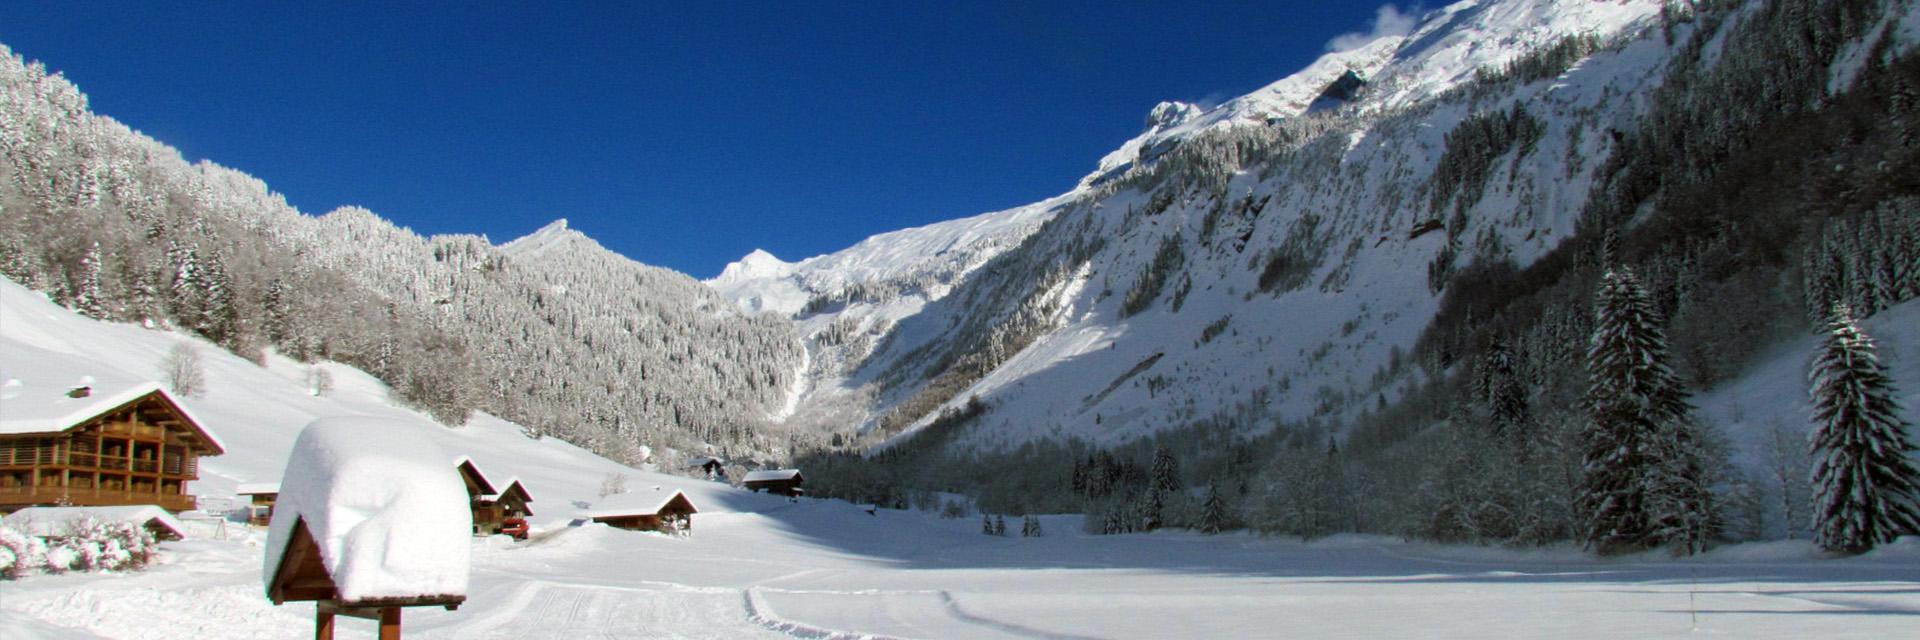 Village_club_vacances_haute-savoie_Auberge-Nordique-hiver-montagne-neige